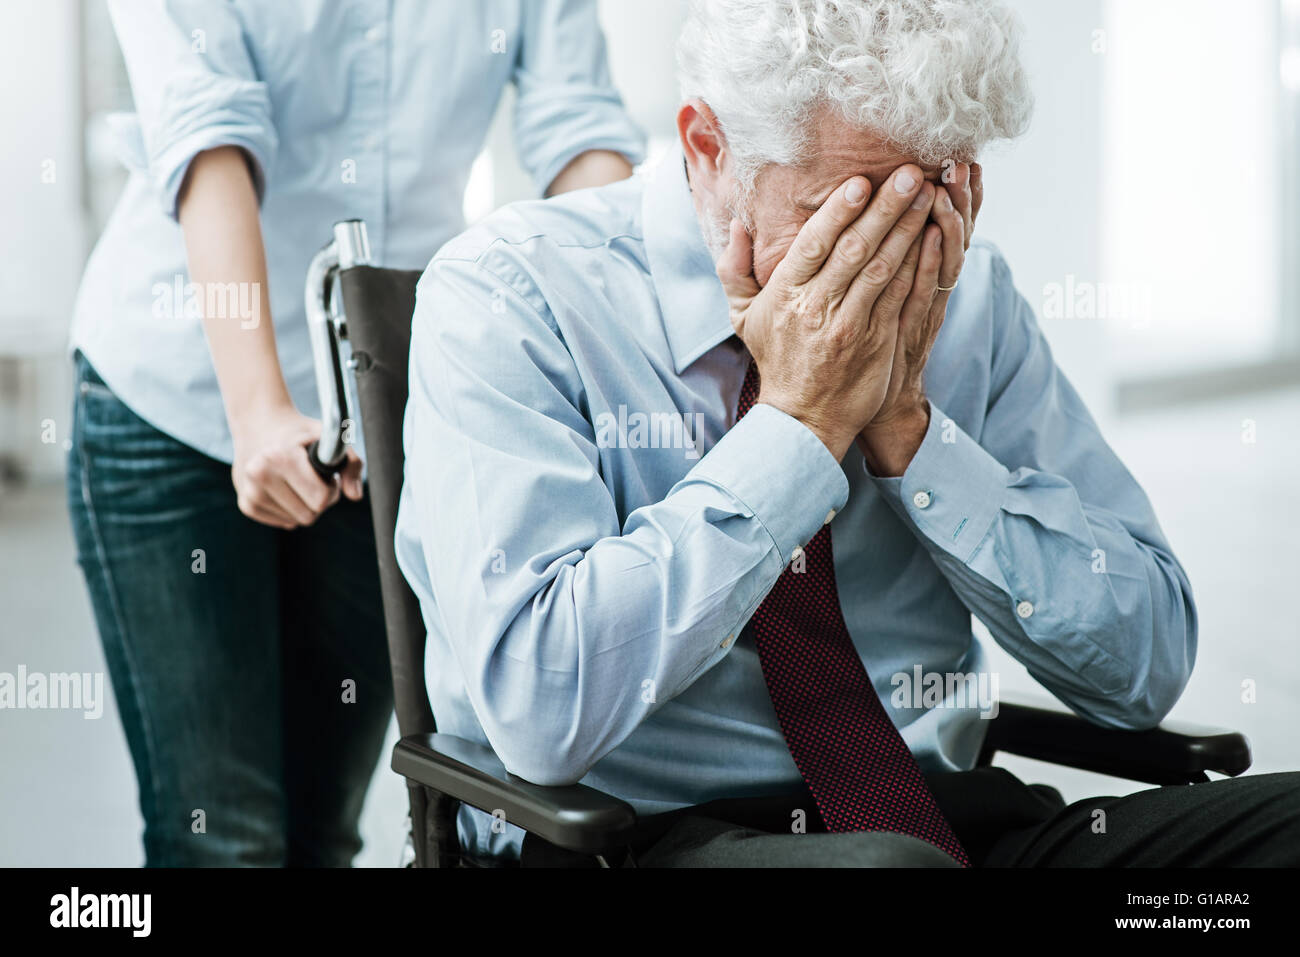 Triste premuto uomo in sedia a rotelle con la testa nelle mani di una donna sta prendendo cura di lui Immagini Stock